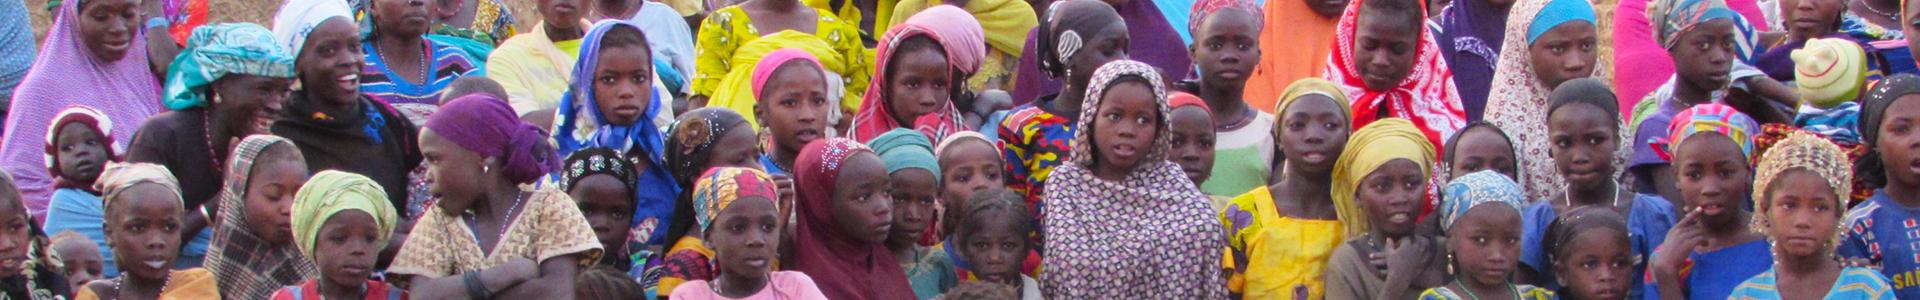 Resiliencia en el Sahel